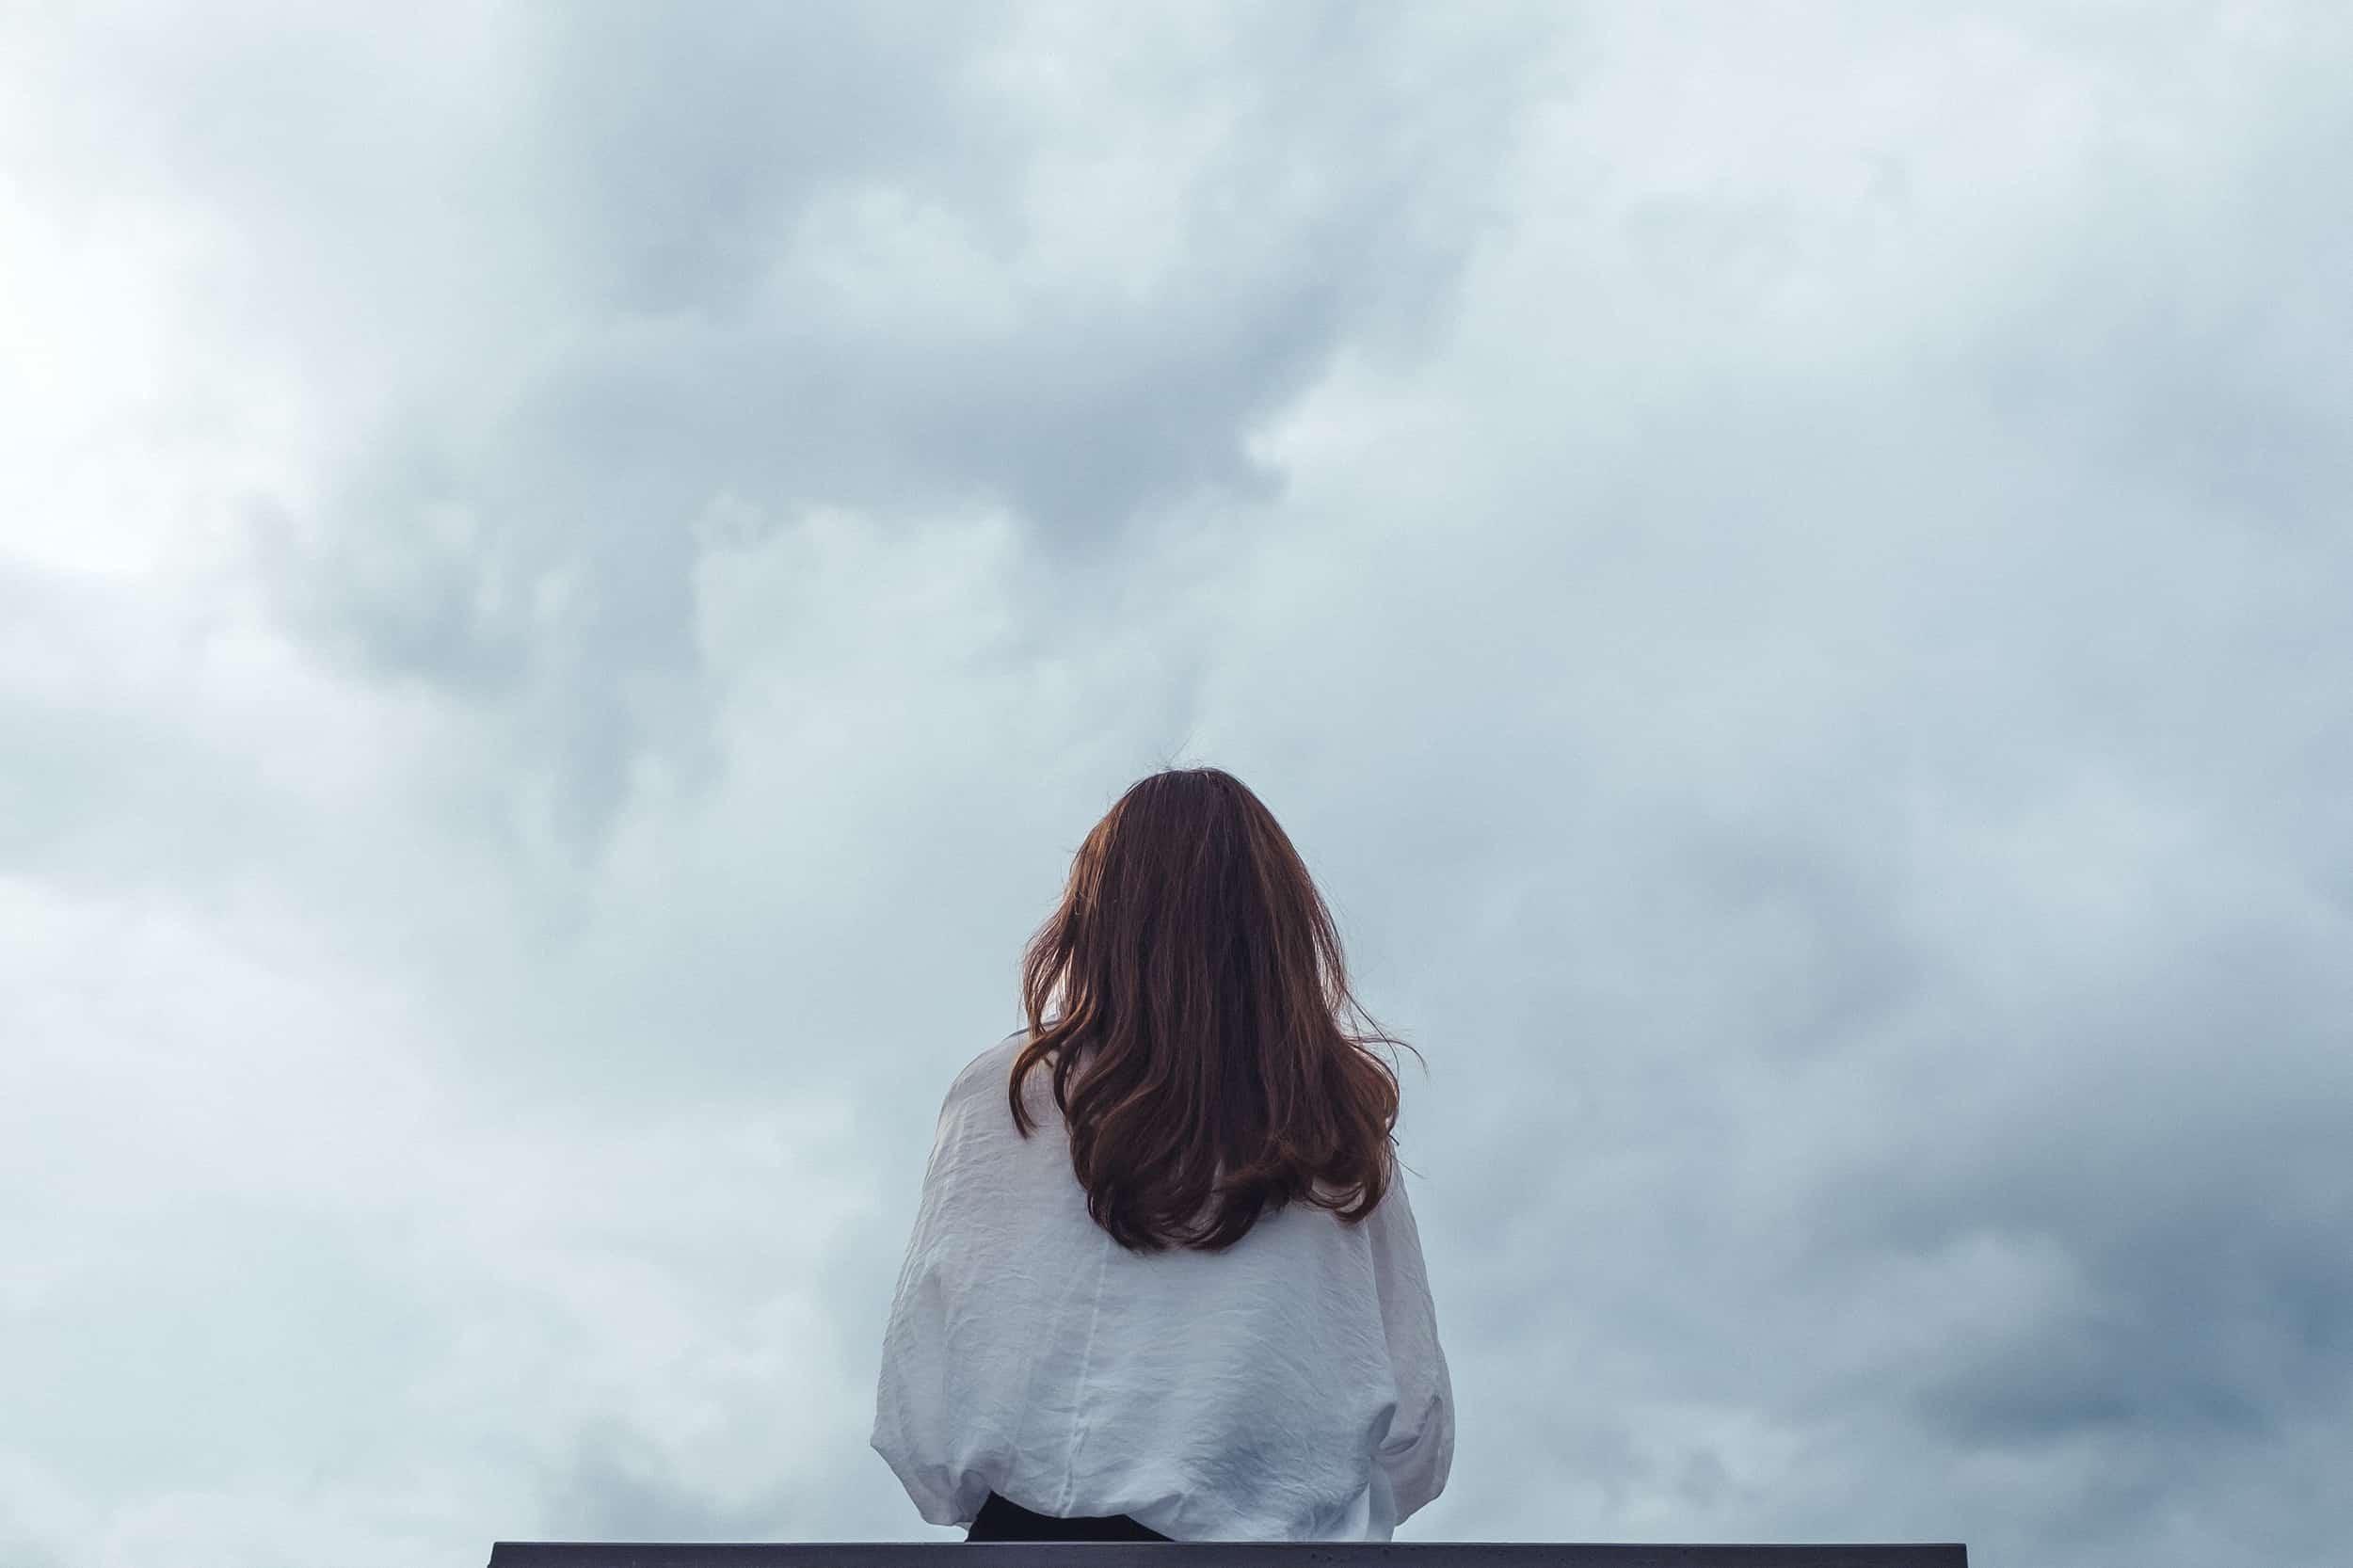 Realidad Virtual para tratar estrés y trauma